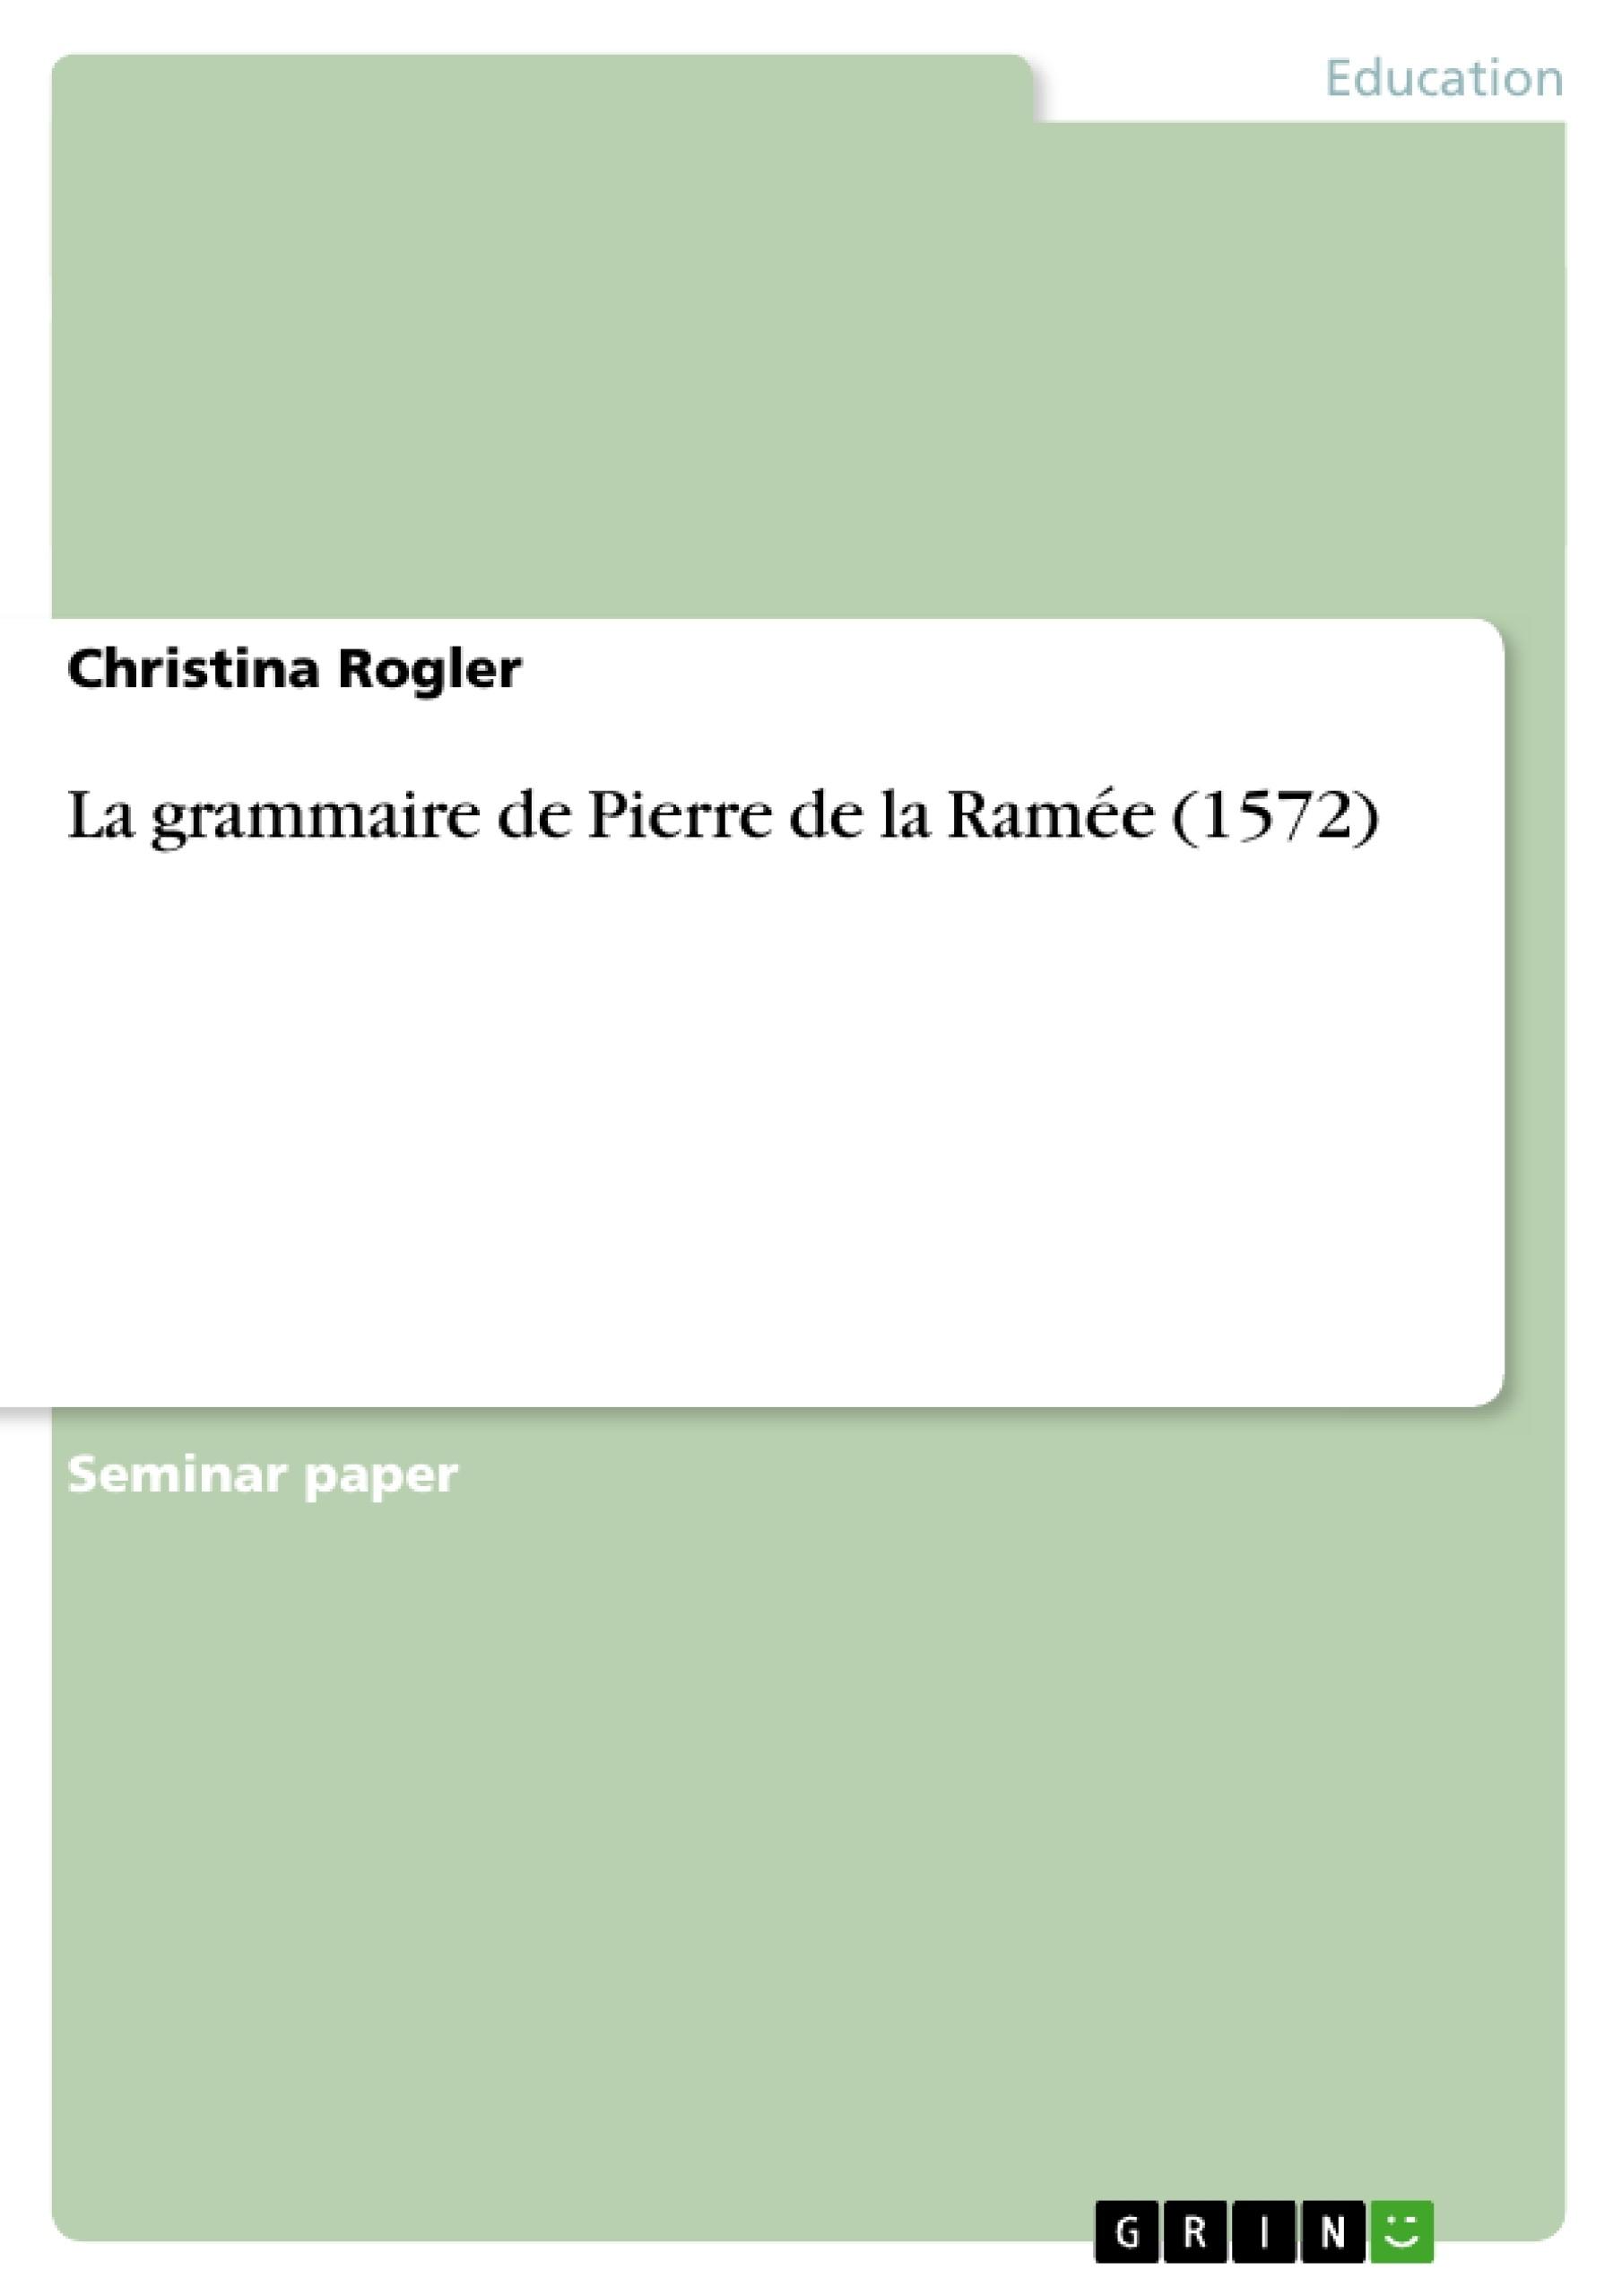 Titre: La grammaire de Pierre de la Ramée (1572)